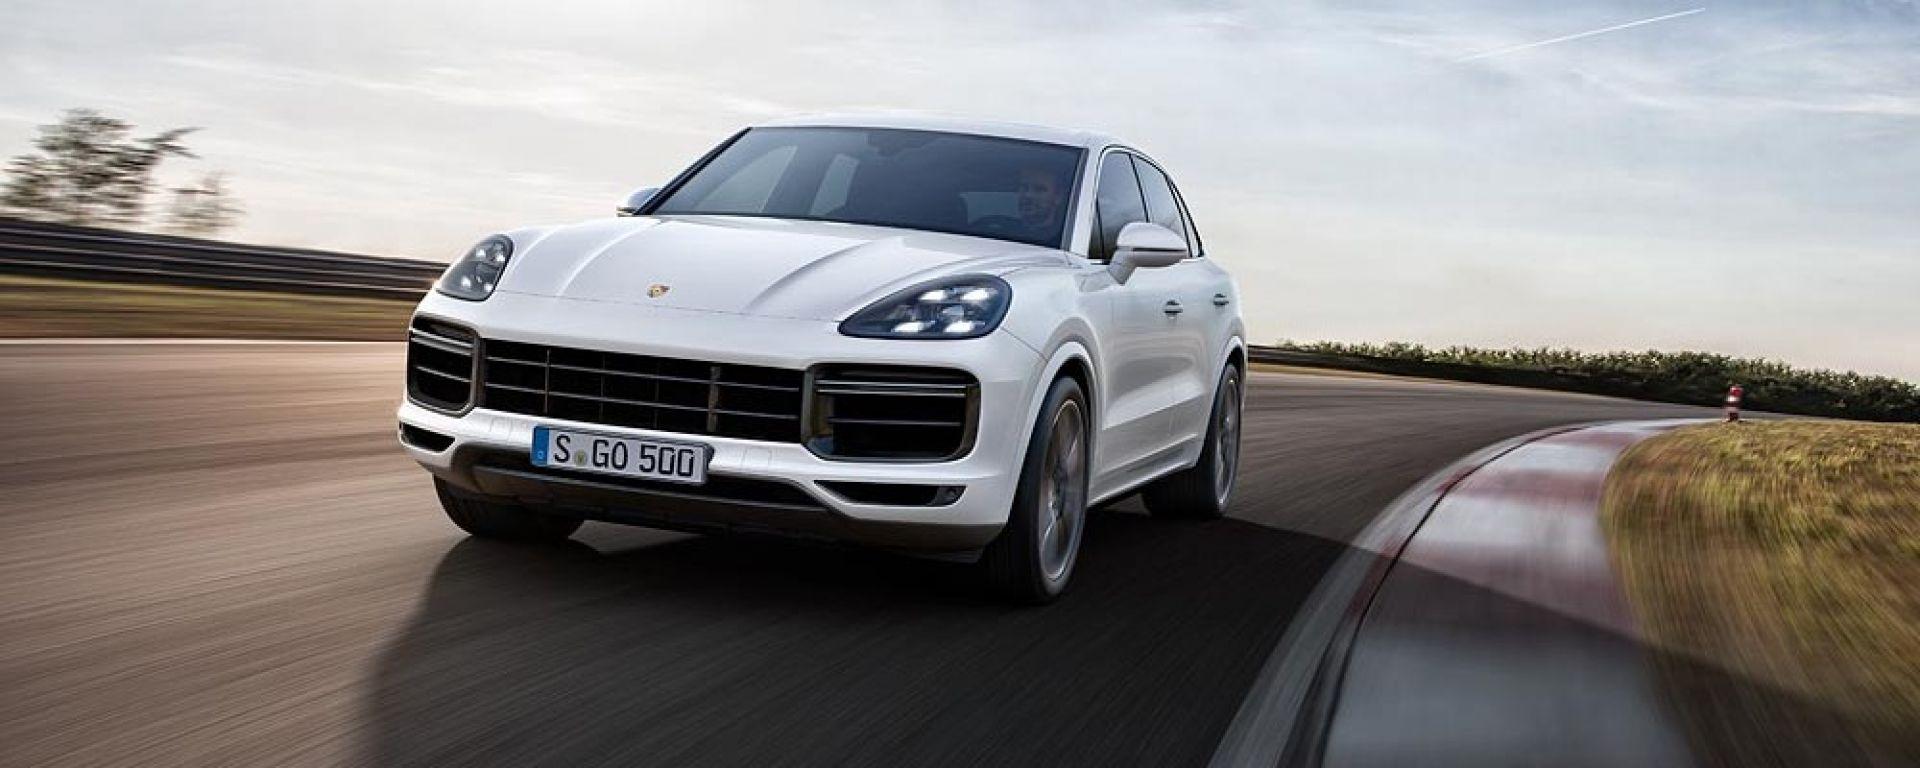 Porsche Cayenne Turbo 2018: 550 cv e aerodinamica attiva